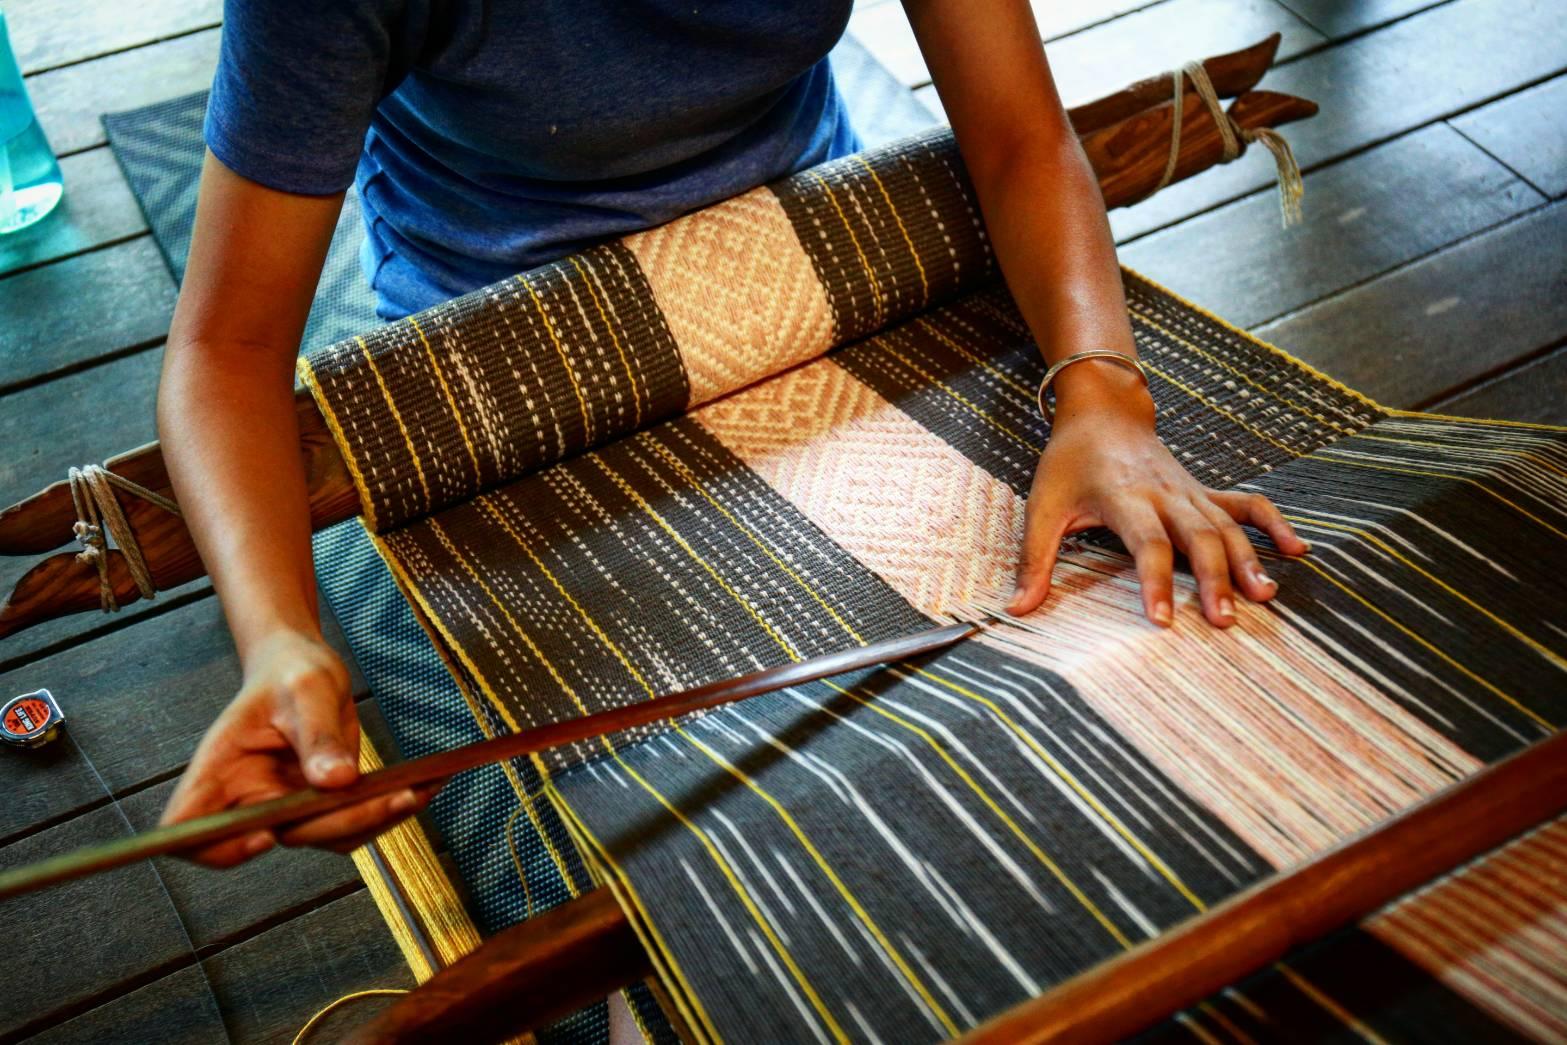 泰雅文化當中女性主要負責編織,又以圖中的手挑編織最為困難,等技術純熟後便可自由設計圖案。陳心慈攝影